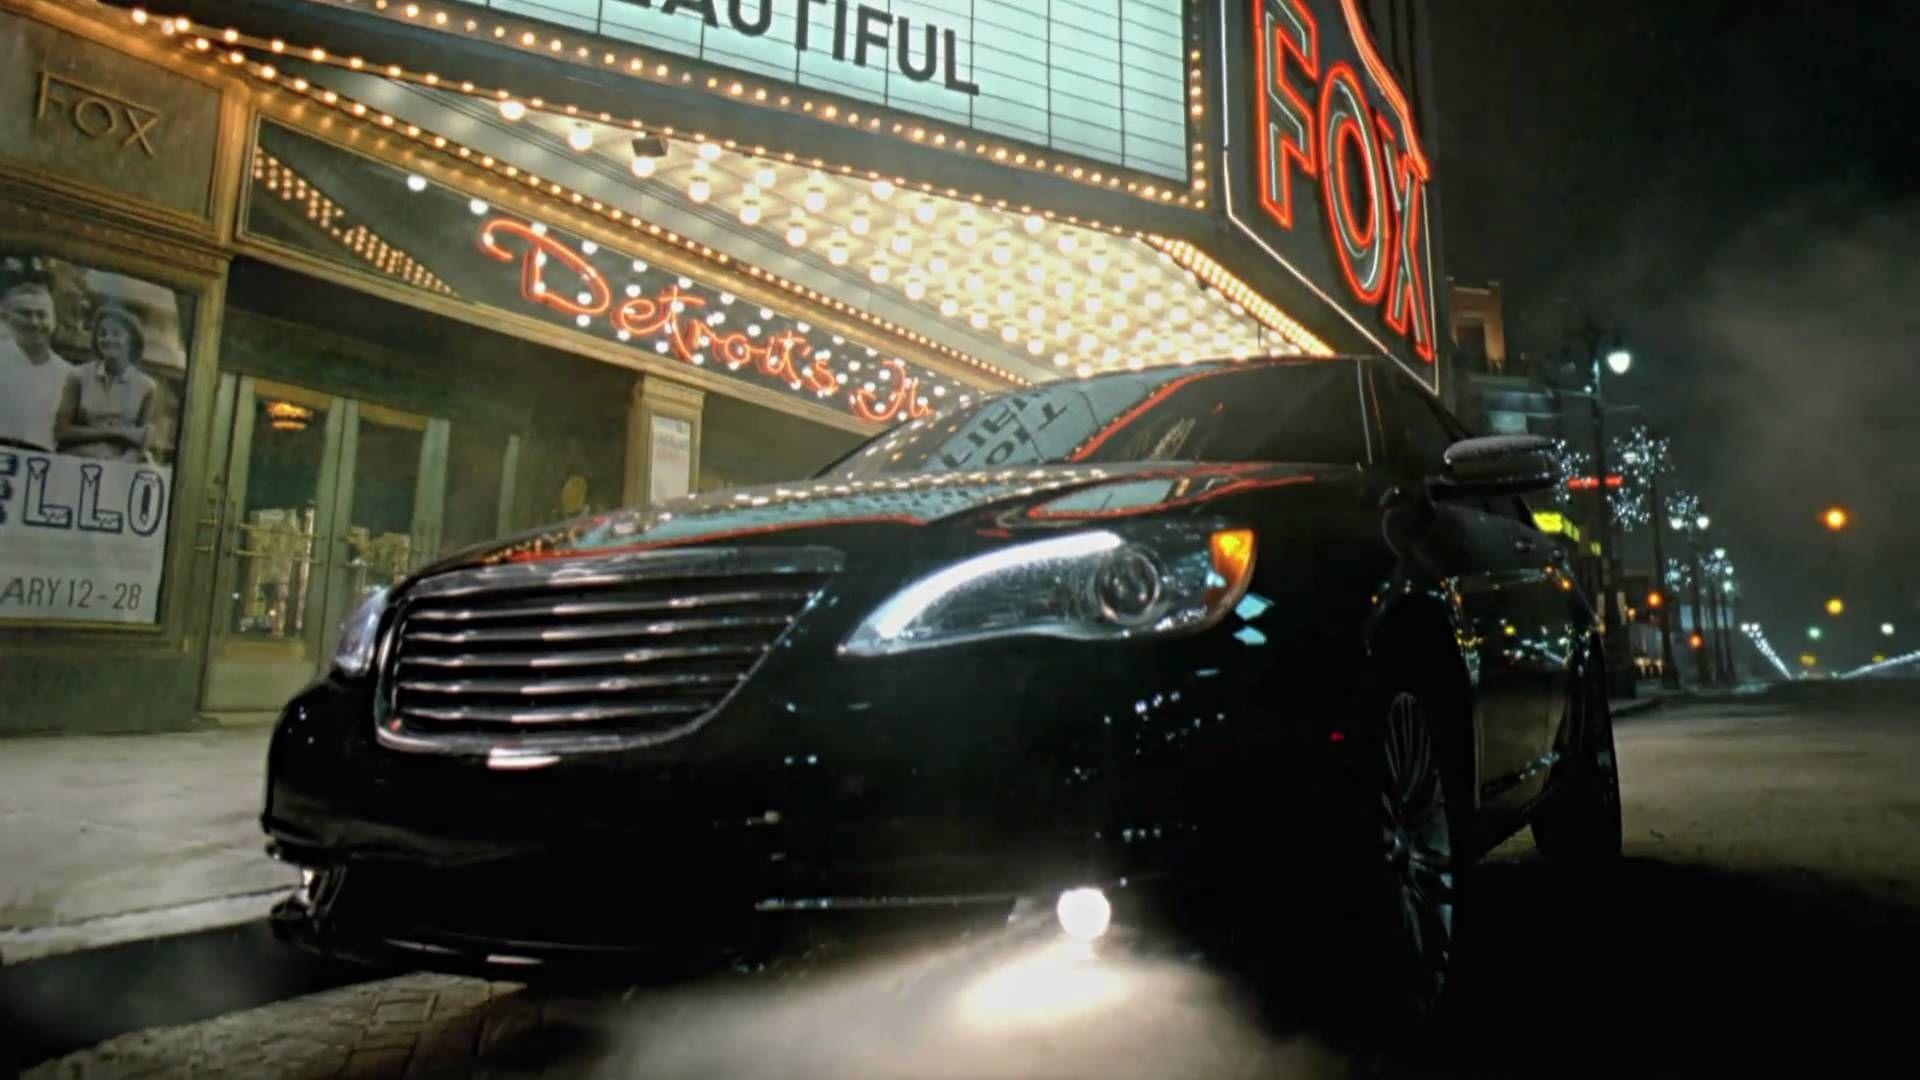 Chrysler Eminem Super Bowl Commercial Imported From Detroit Detroit Car Ads Super Bowl Commercials